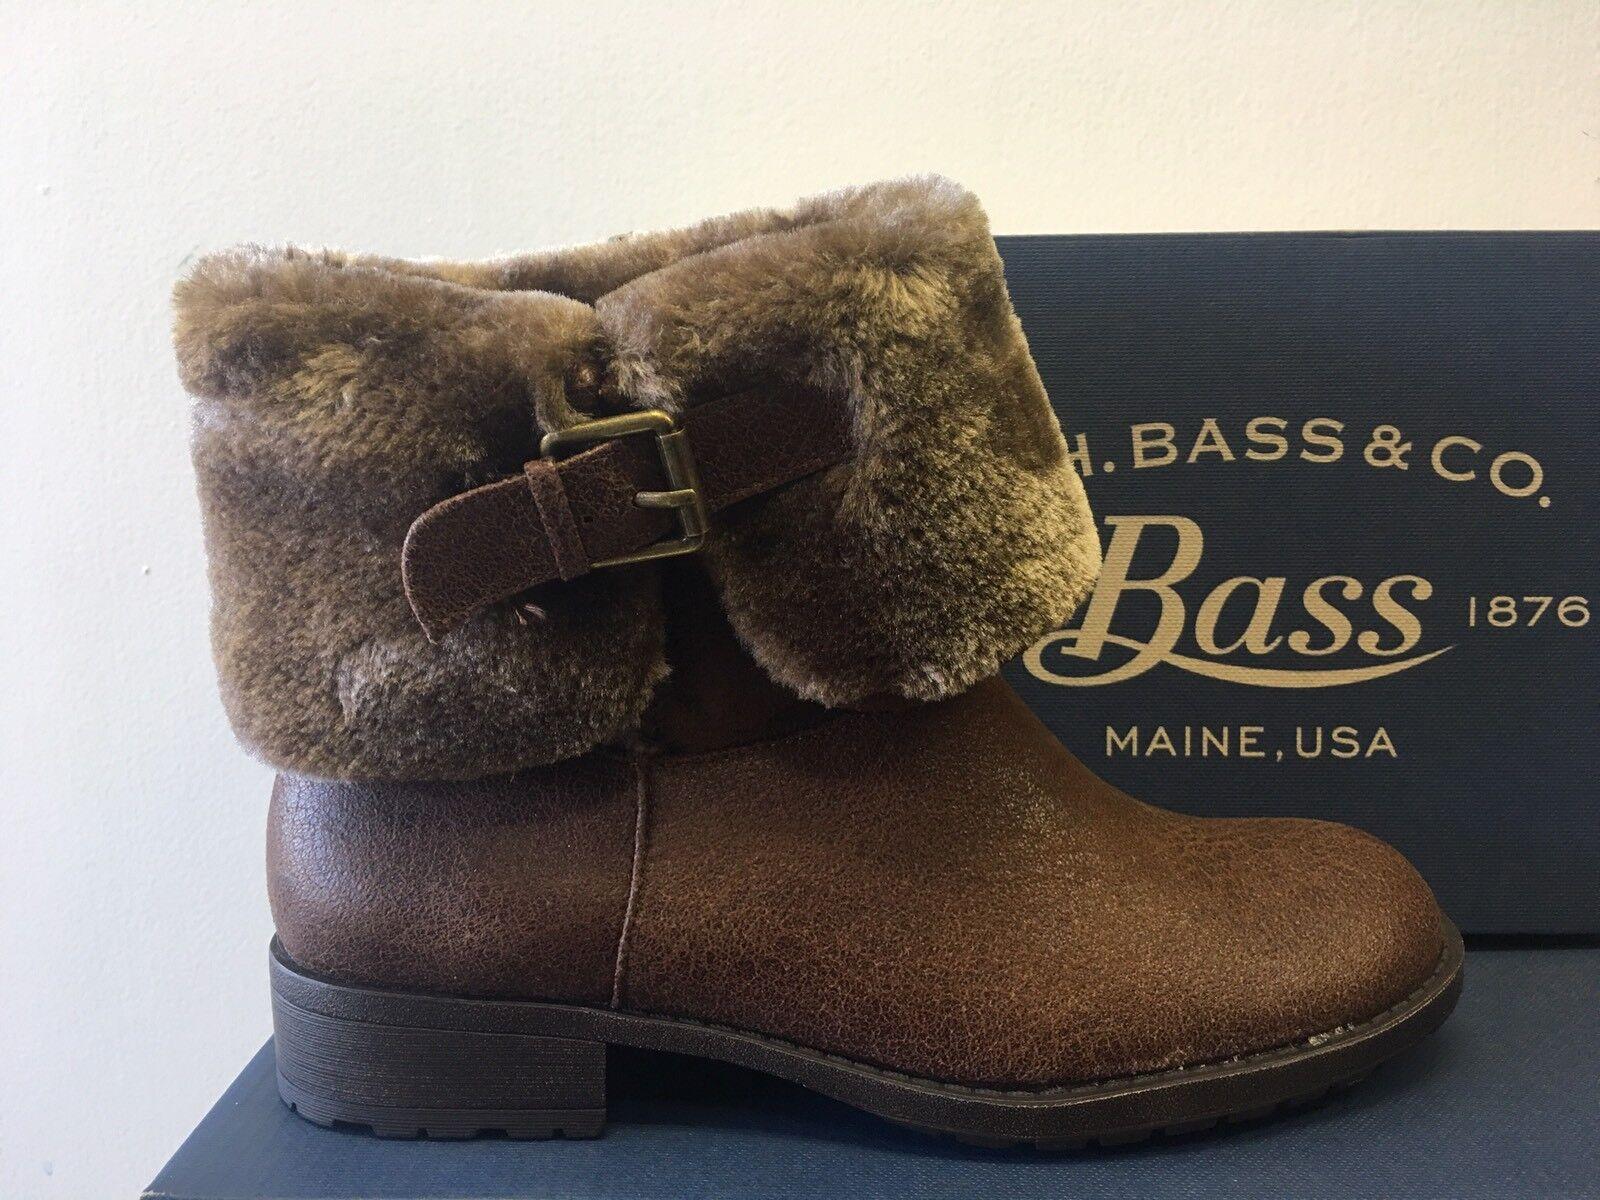 New - Women's G.H. Bass & Co. Bass - Alexis Brown Boots Size 10